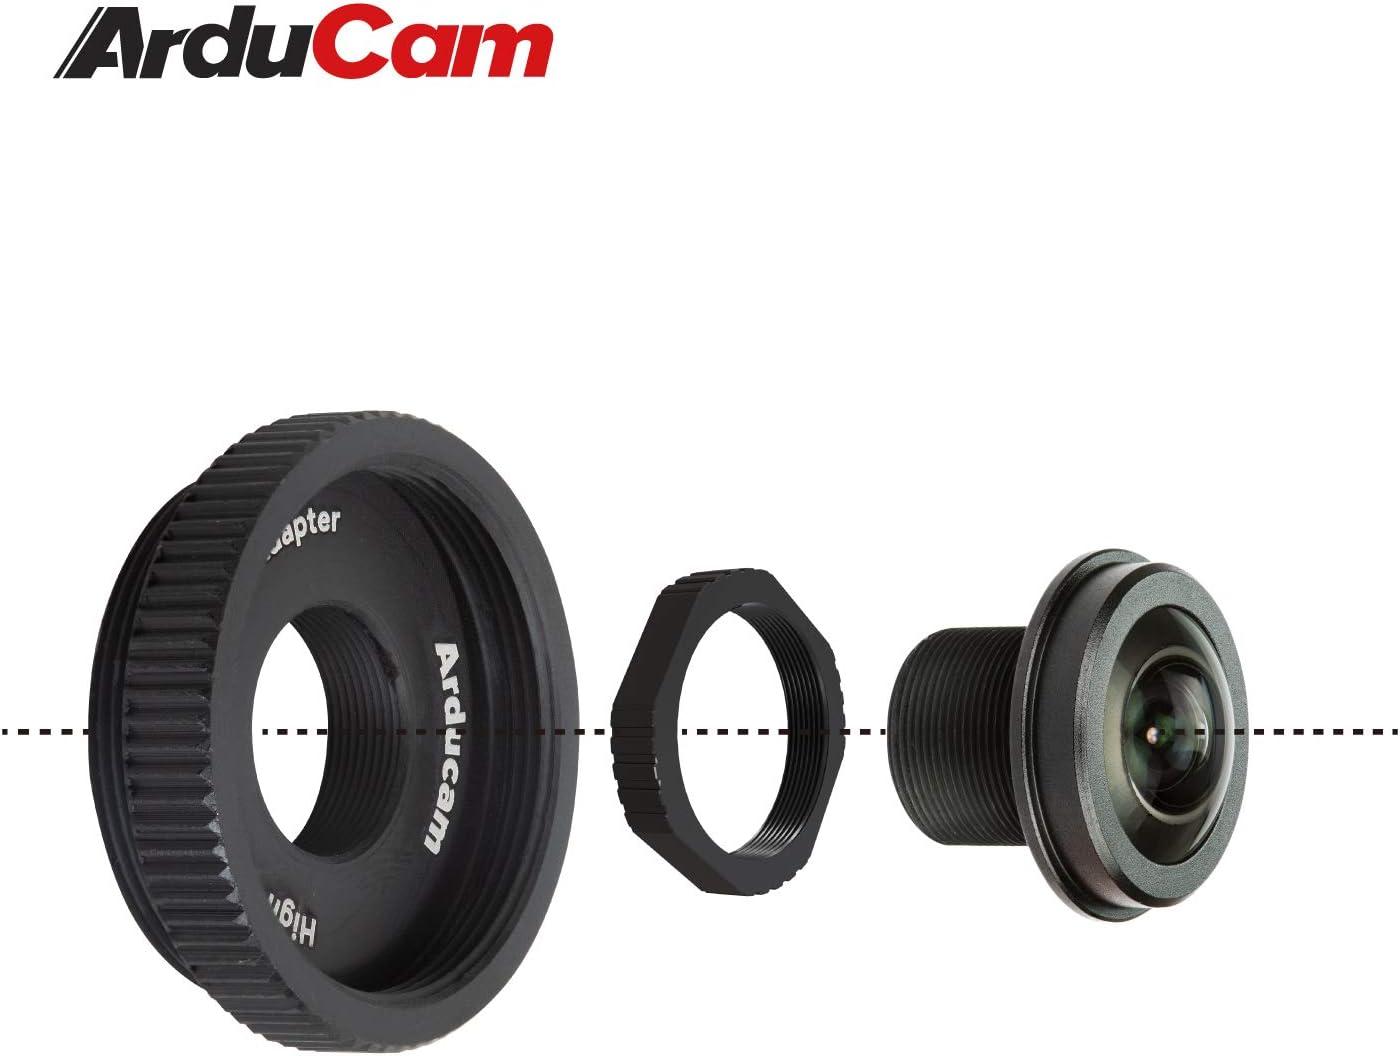 Arducam 180 Grad Fischaugen M12 Objektiv Set Für Kamera